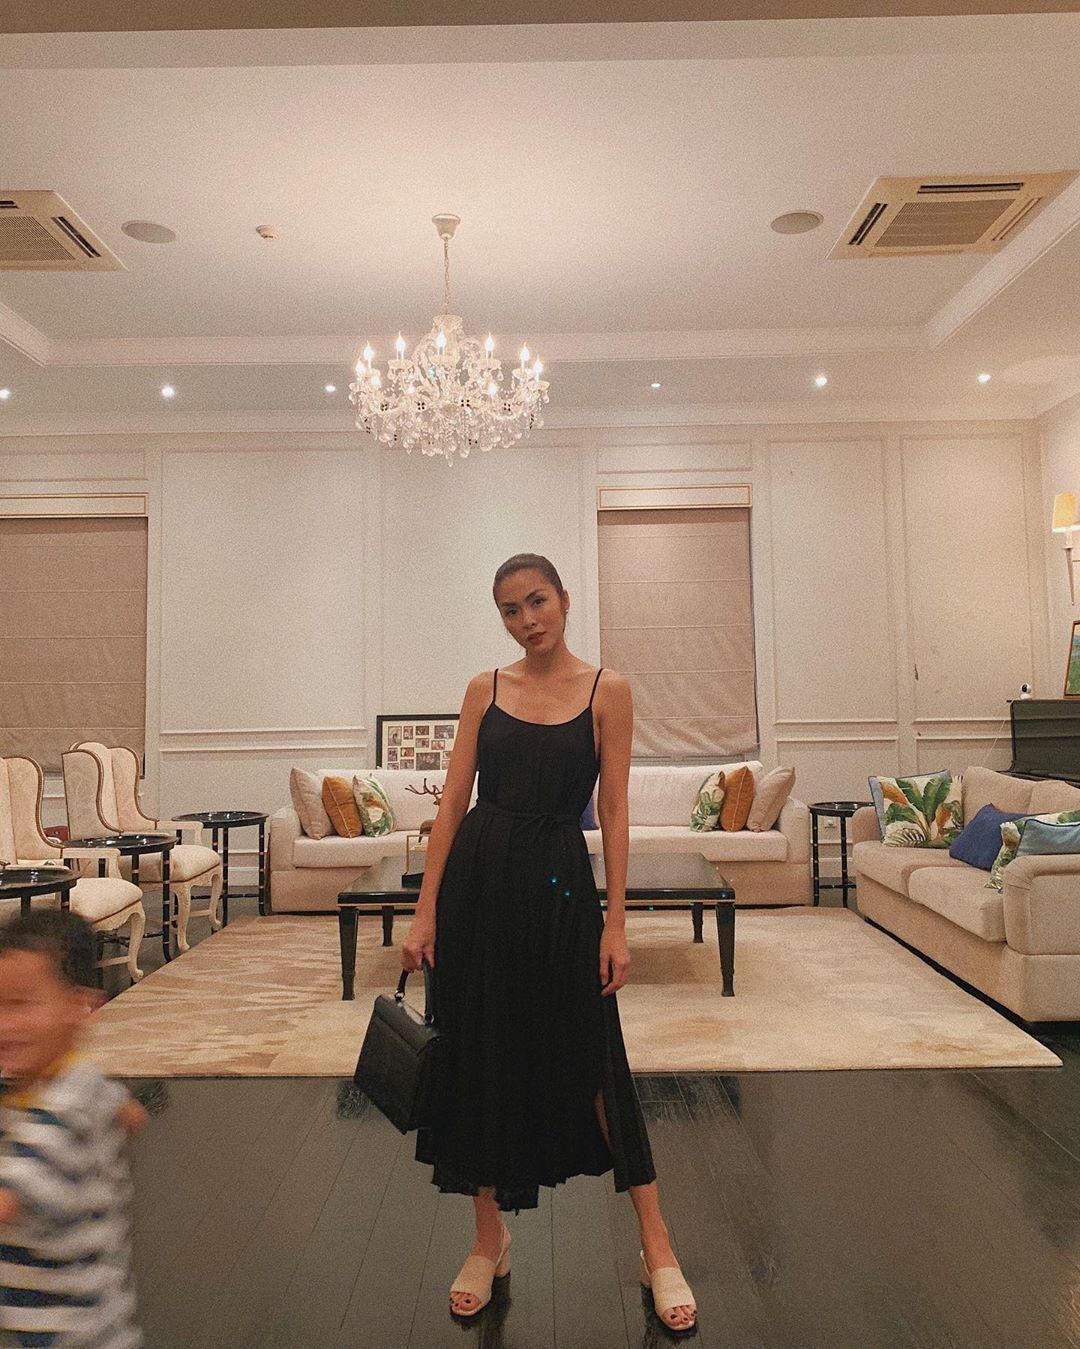 Nhờ một mẫu váy: Hà Tăng, Phạm Quỳnh Anh và Đàm Thu Trang khiến người ta nín lặng trước vẻ sexy và sang chảnh tột bậc - Ảnh 1